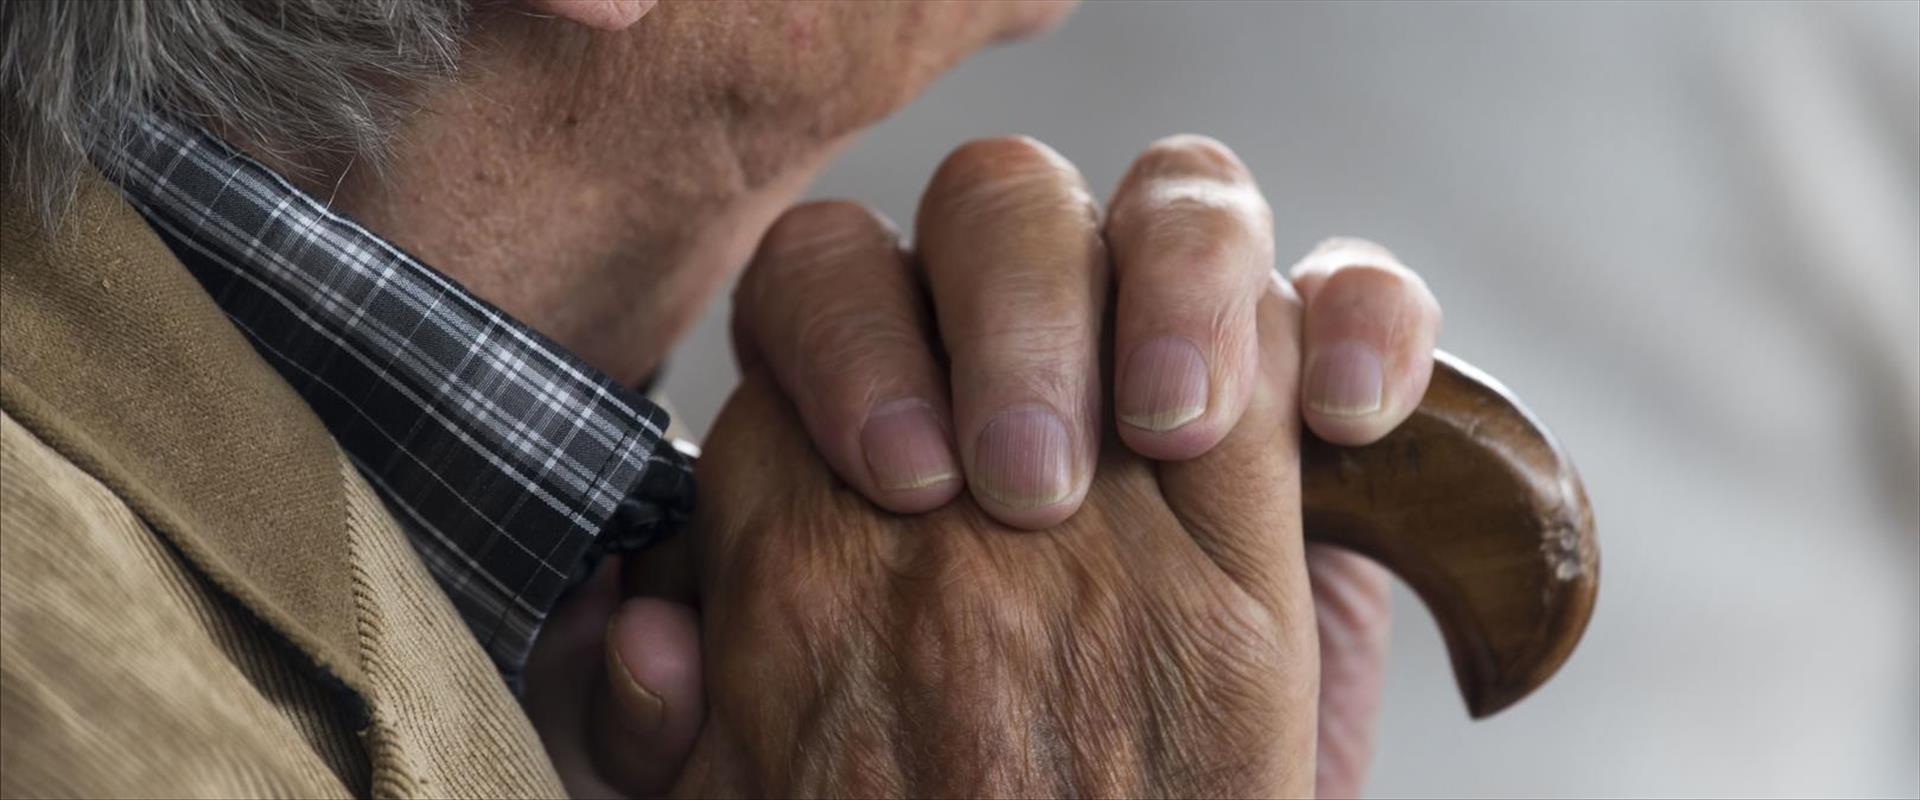 אילוסטרציה: אדם זקן, קשיש, סיעודי, גריאטרי